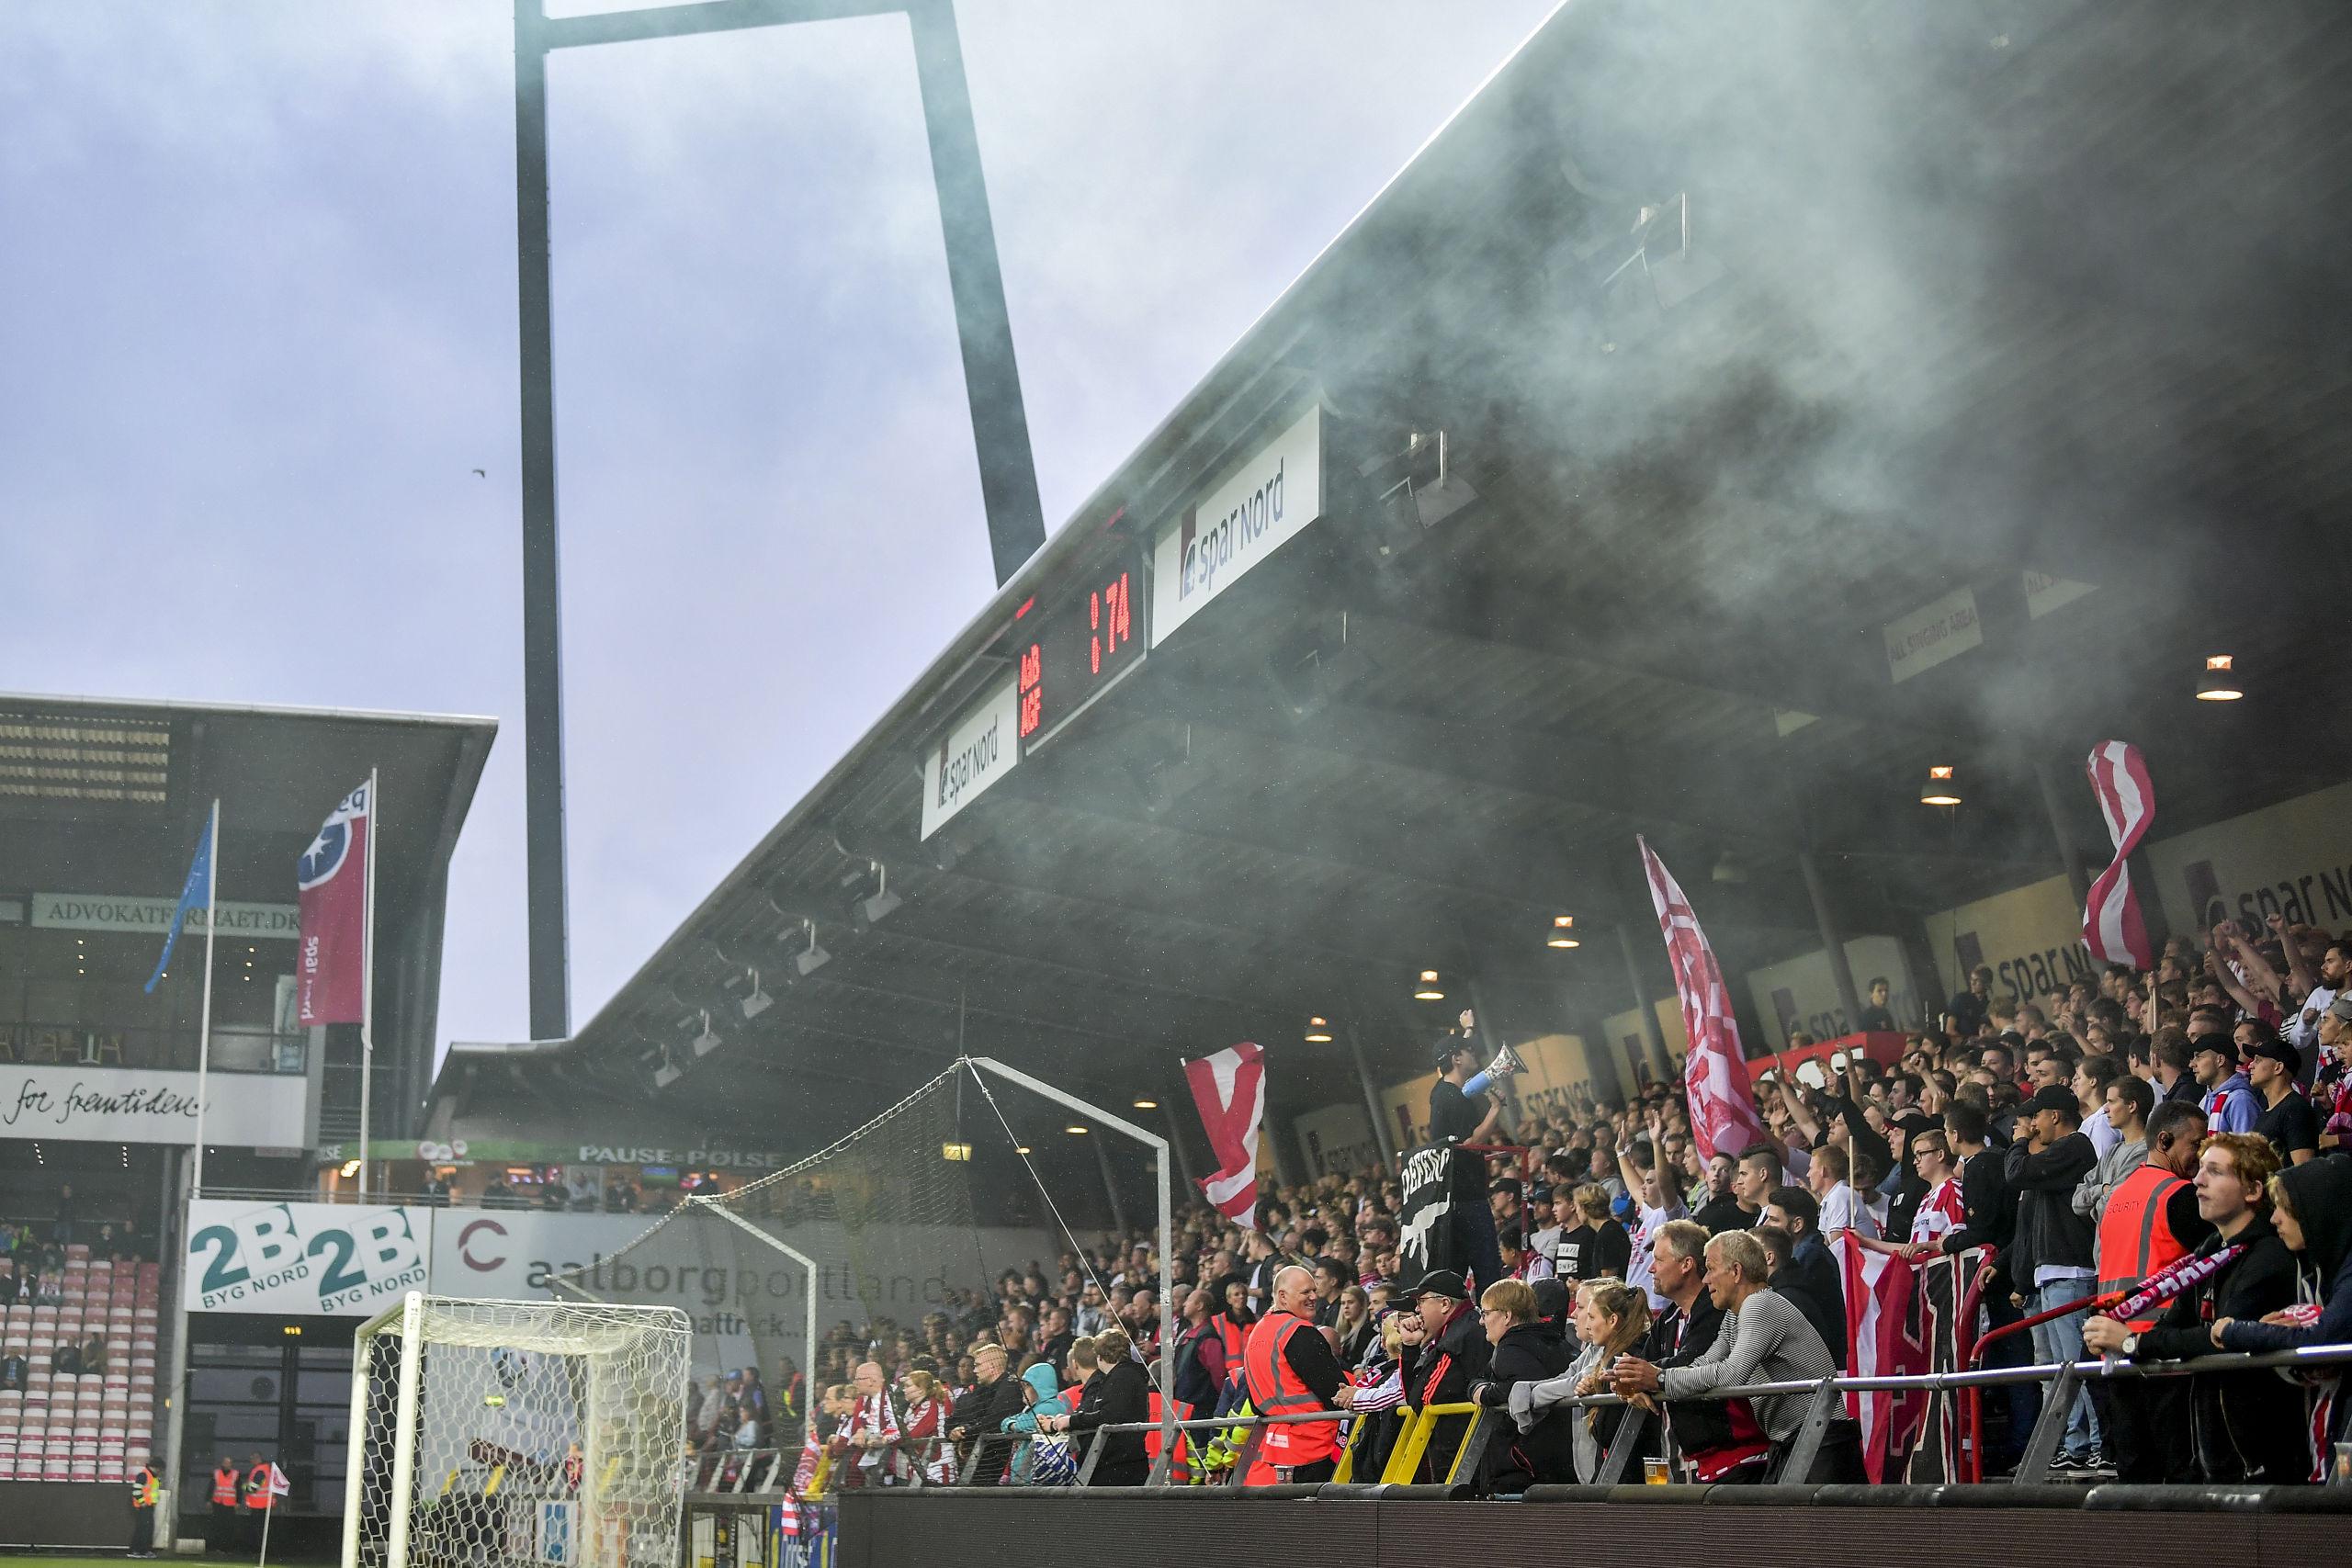 Der venter formentlig publikum på Aalborg Portland Park en gyser af rang, når de lokale helte fra AaB tørner sammen med rivalerne fra AGF. Arkivfoto: Nicolas Cho Meier